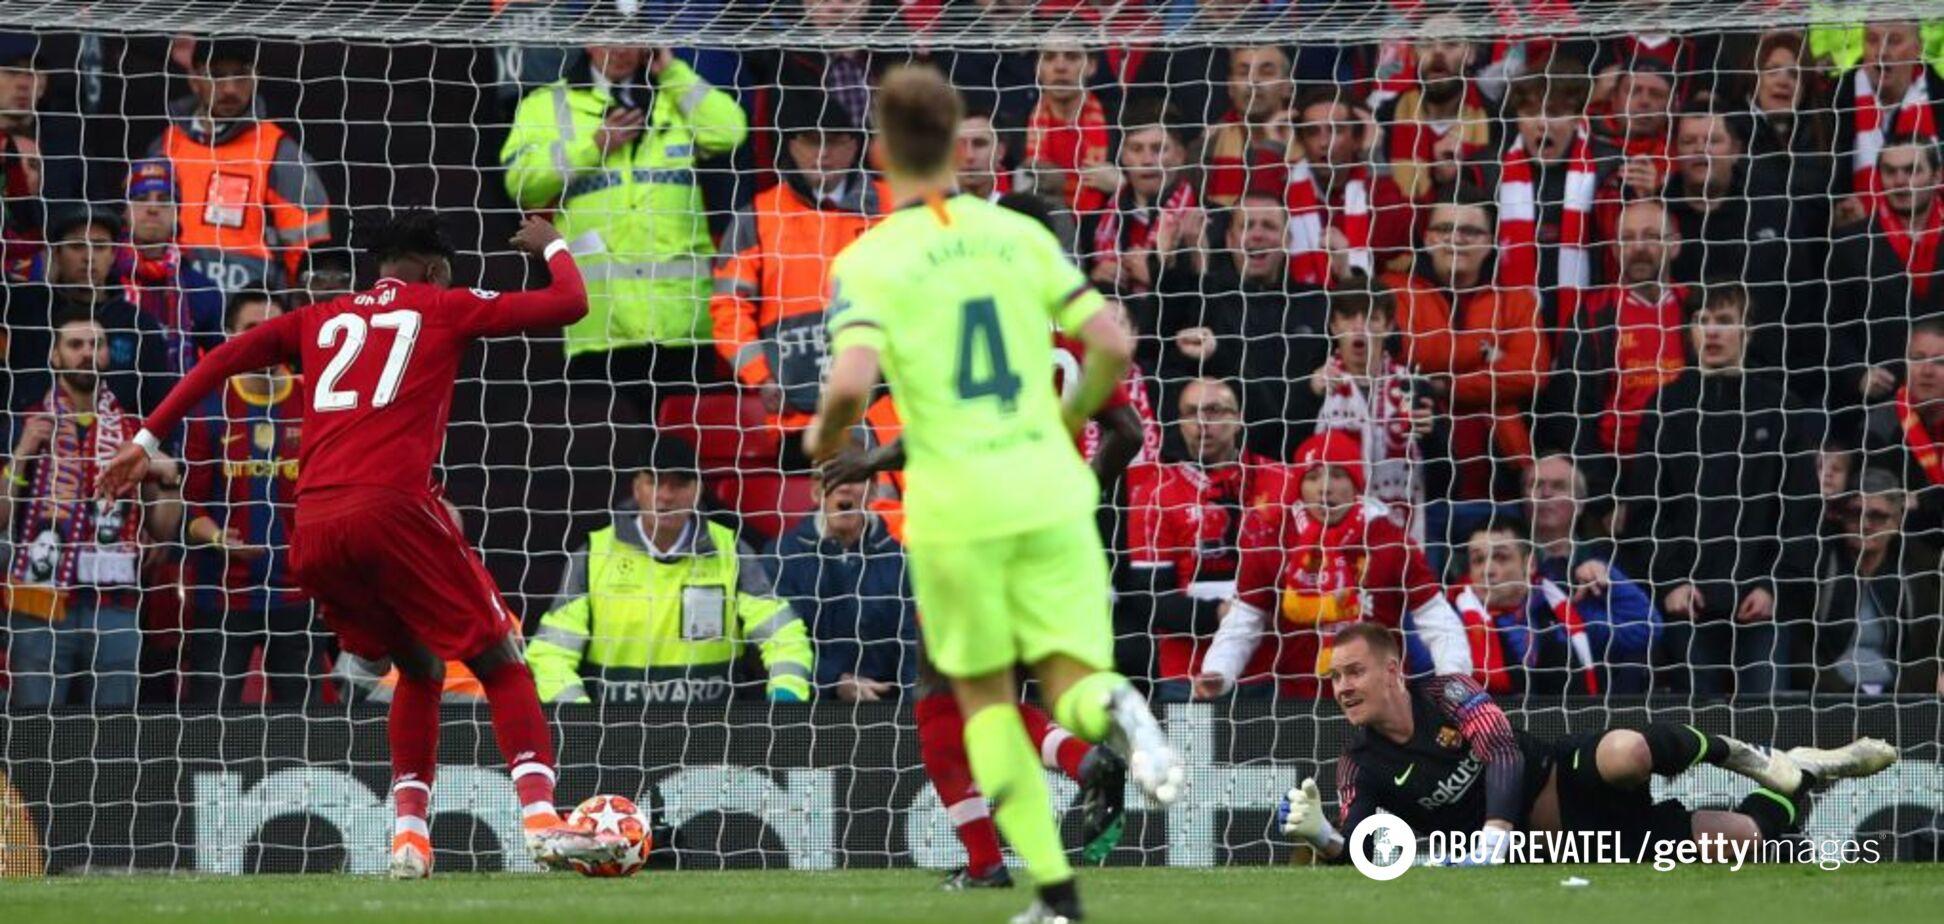 'Ліверпуль' здійснив божевільний камбек із 'Барселоною' і вийшов до фіналу Ліги чемпіонів